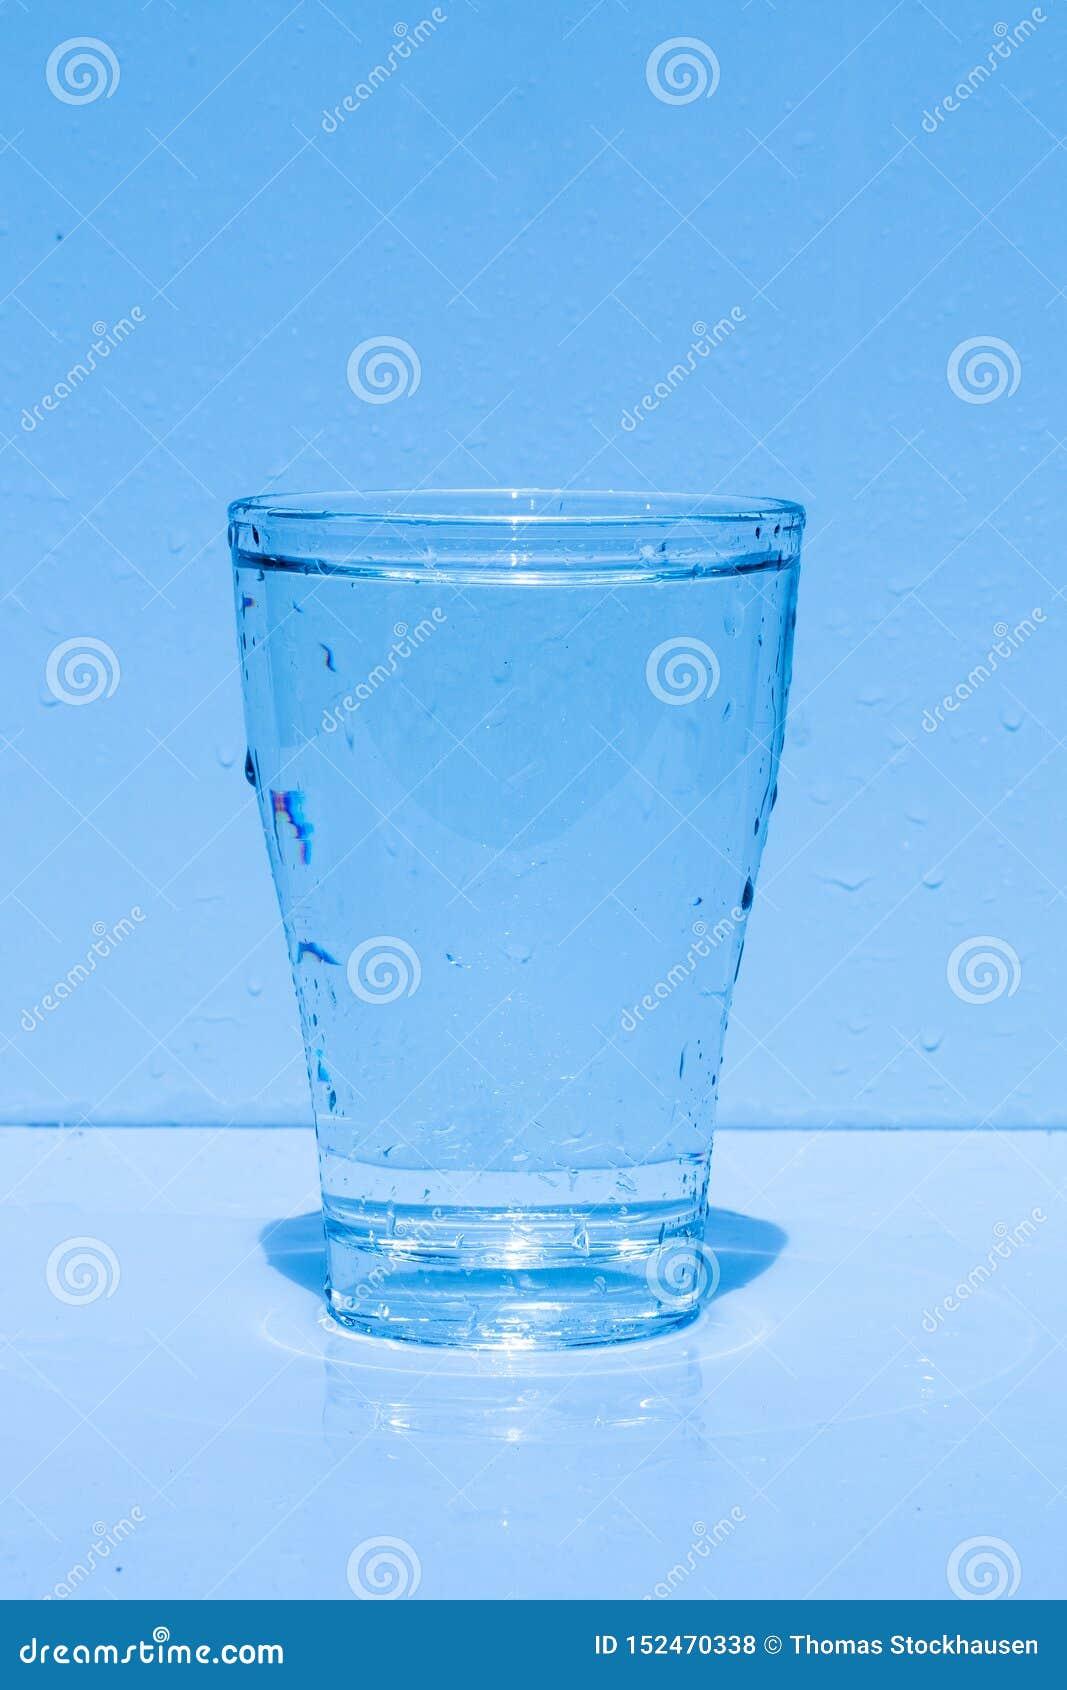 Γυαλί νερού, καταβρέχοντας νερό, φρεσκάδα